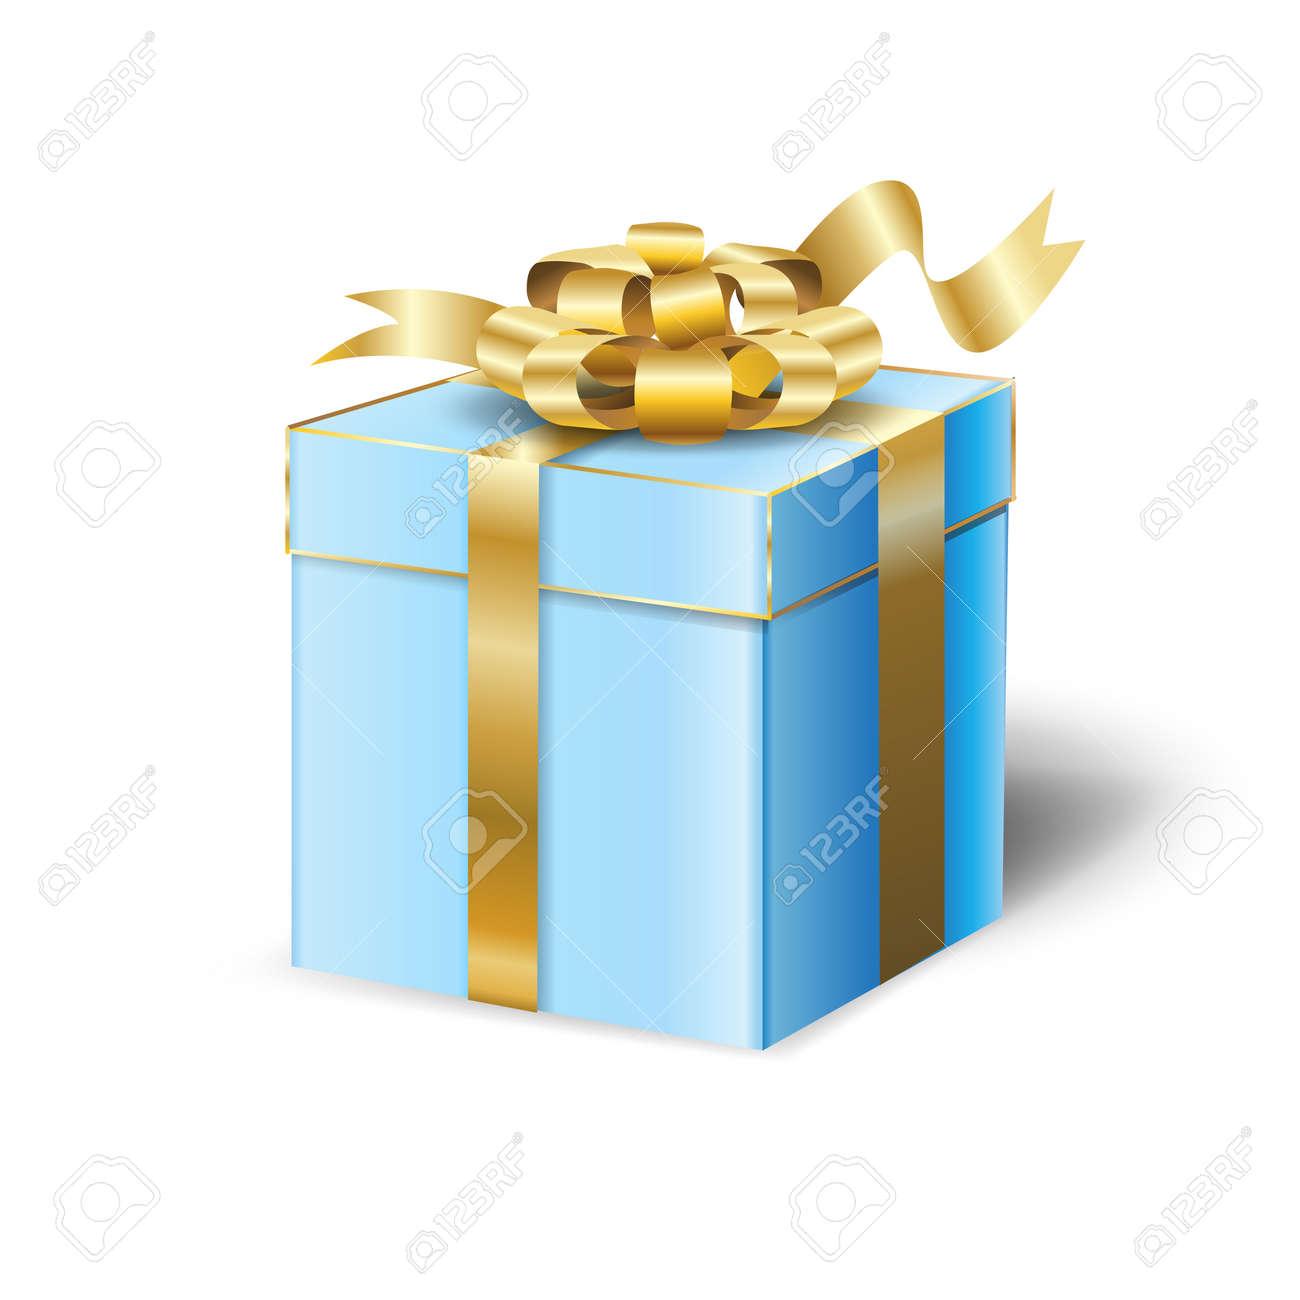 Coffret Cadeau Pour Le Jour Du Mariage Vacances Anniversaire Celebrer Belle Boite Cadeau Bleu Avec Ruban De Satin Or Isole Sur Fond Blanc